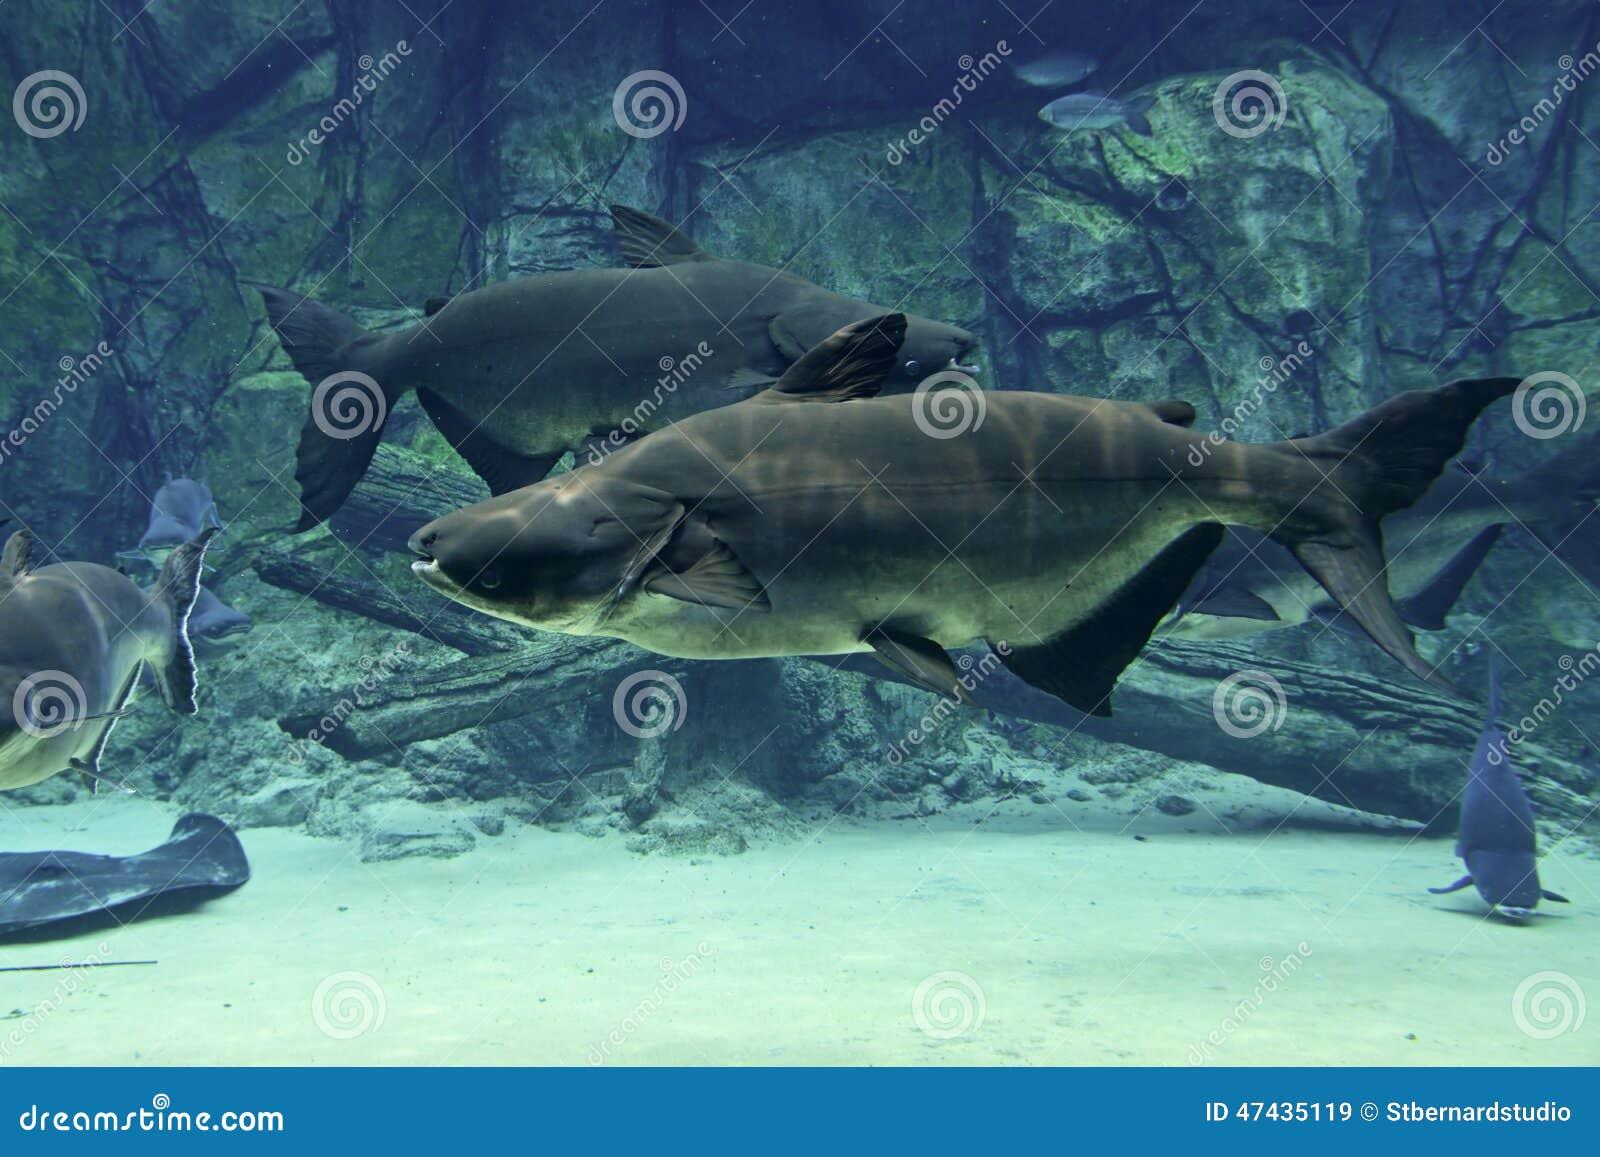 一个对稳定地游泳在相反方向的湄公河巨型鲶鱼